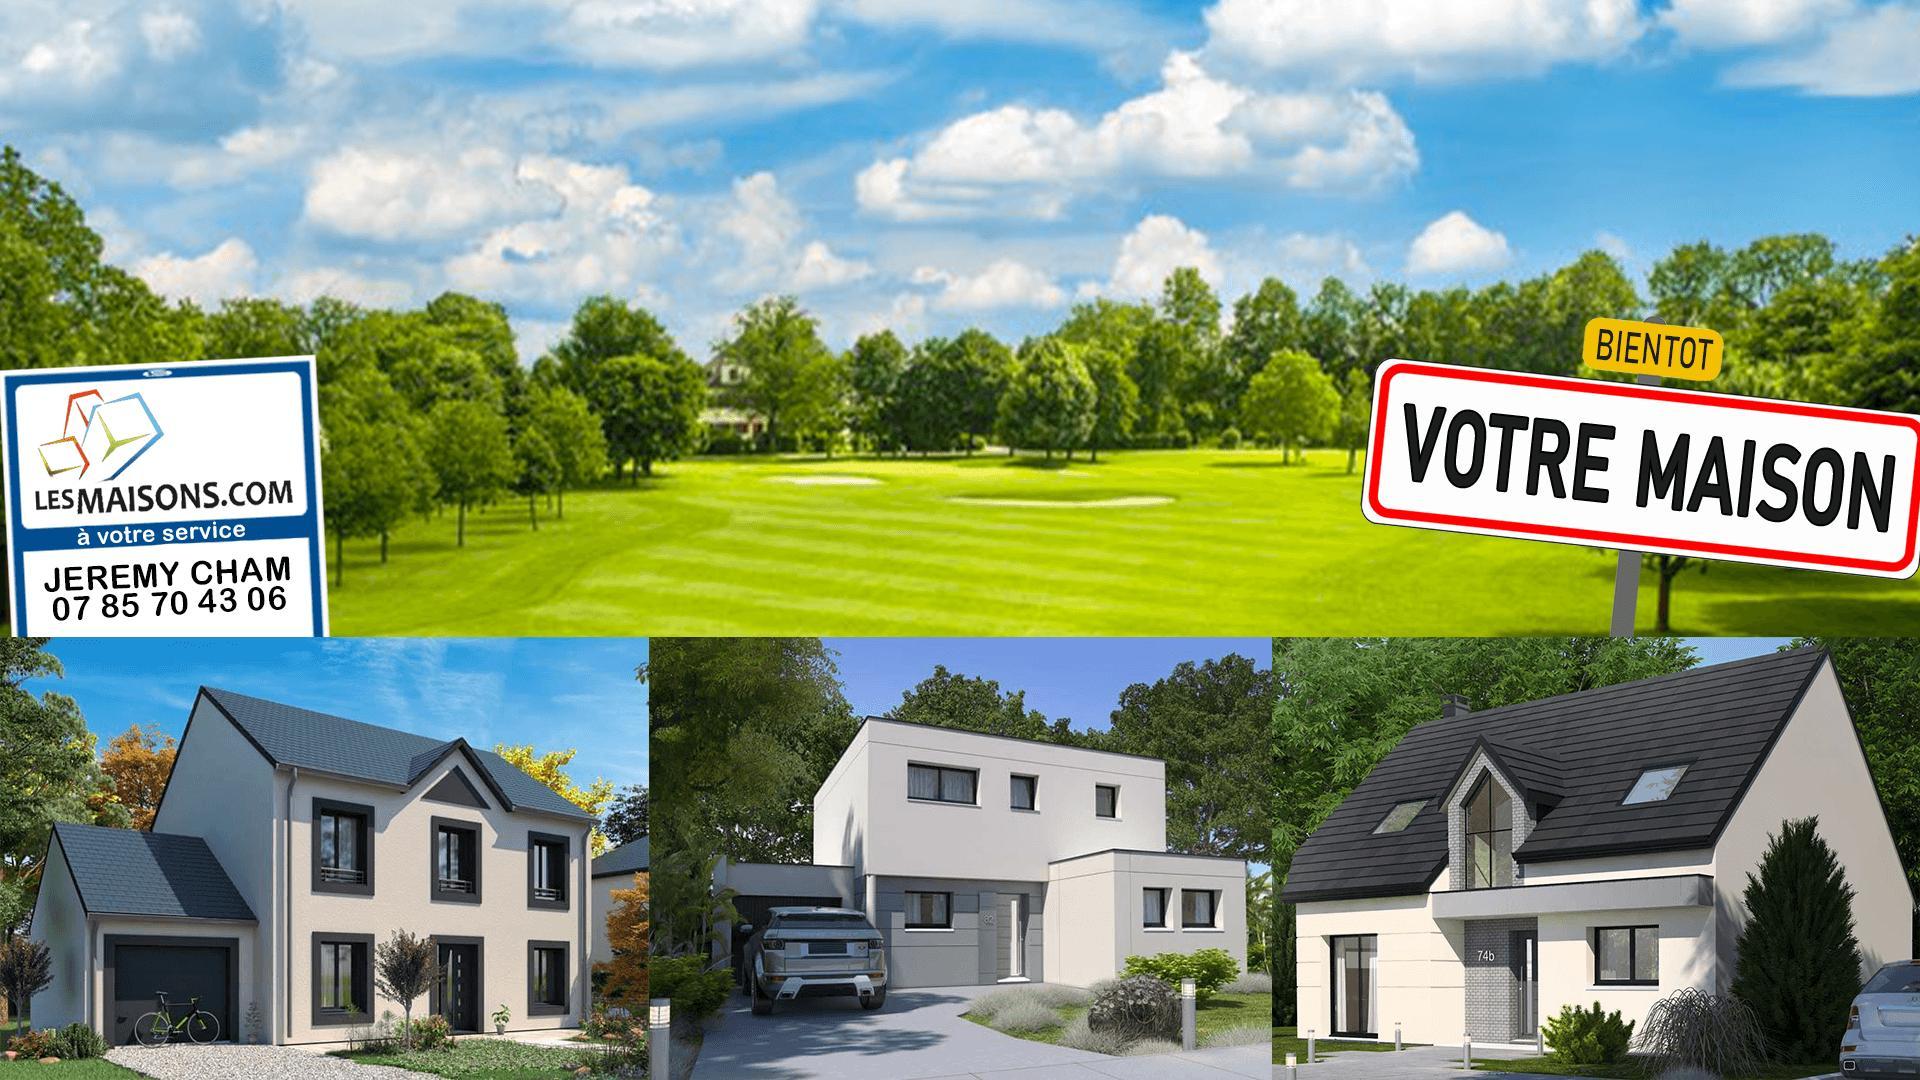 Maisons + Terrains du constructeur LES MAISONS.COM LA VILLE DU BOIS • 81 m² • EVRY